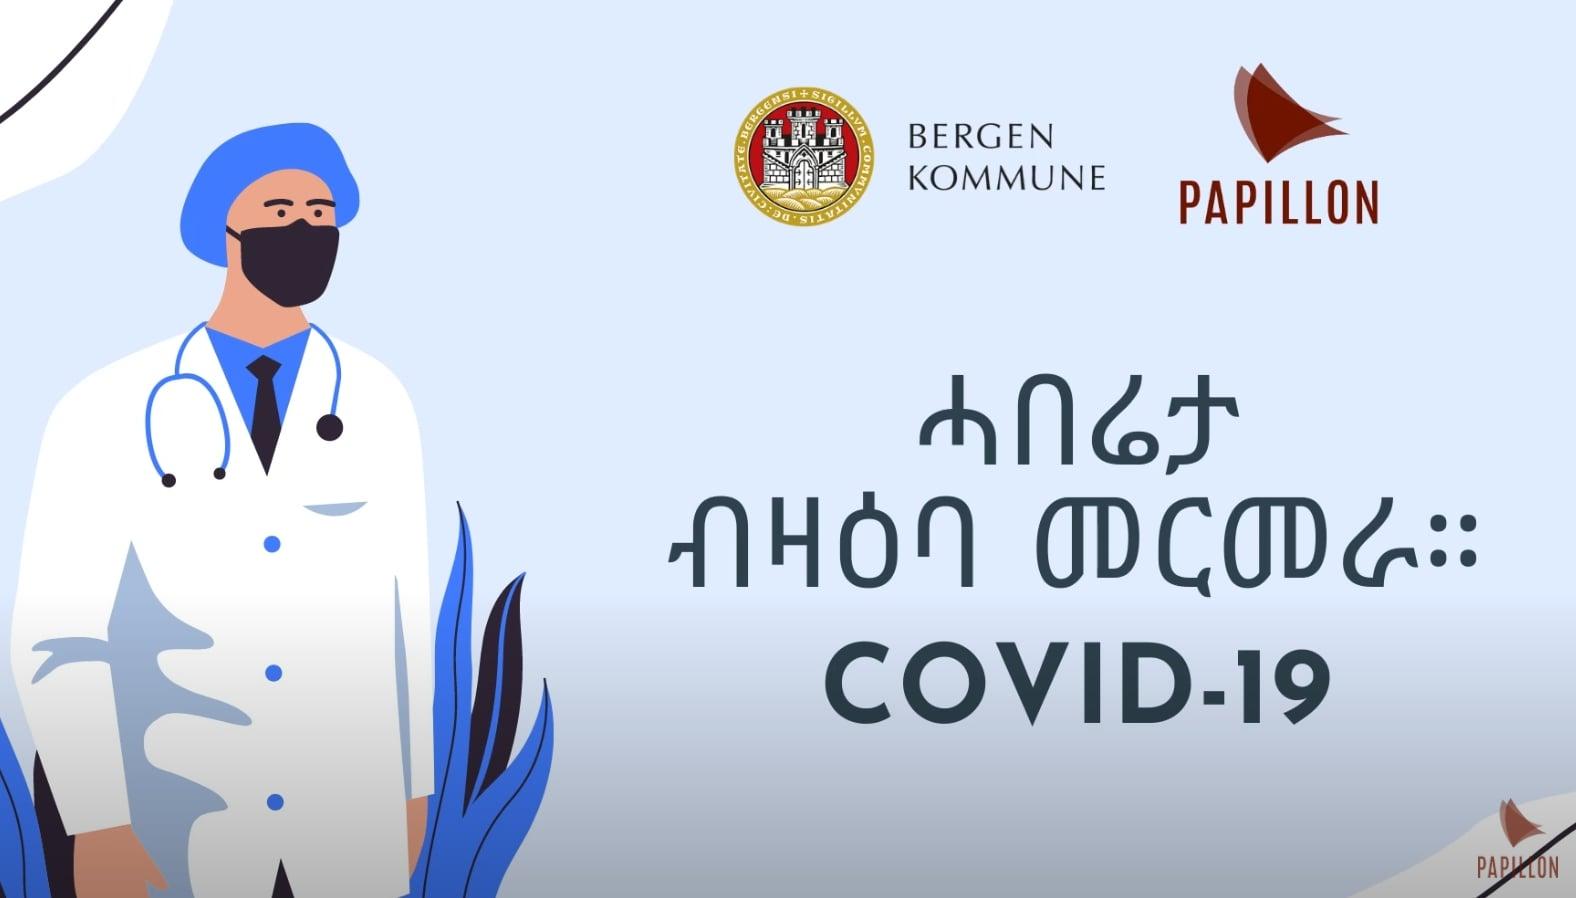 ሓበሬታብዛዕባ መርመራ። (COVID-19 test - Tigrinja)